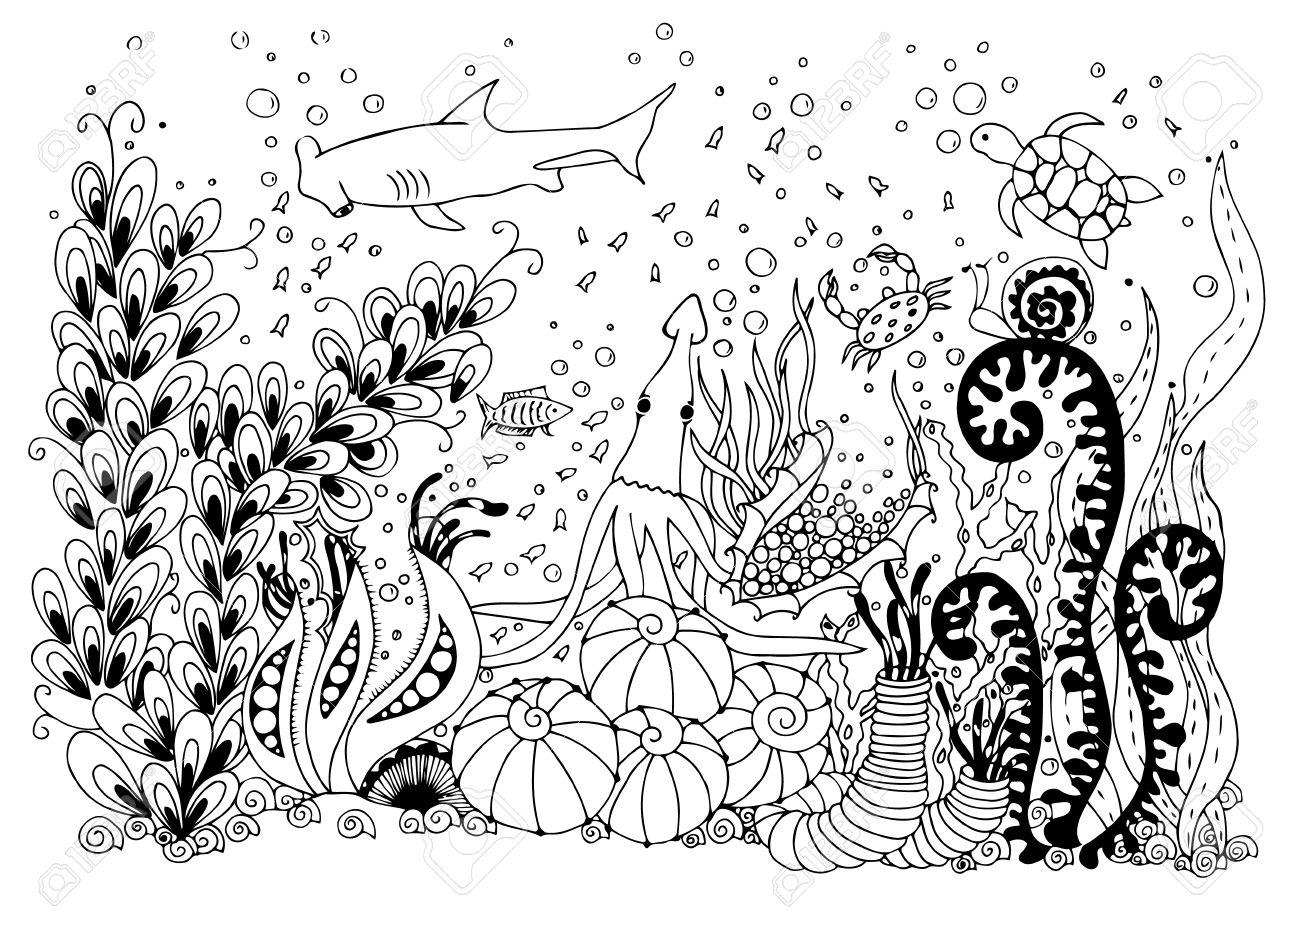 Mundo Submarino De Ilustración. Doodle Mar, Océano, Cuento De Hadas ...